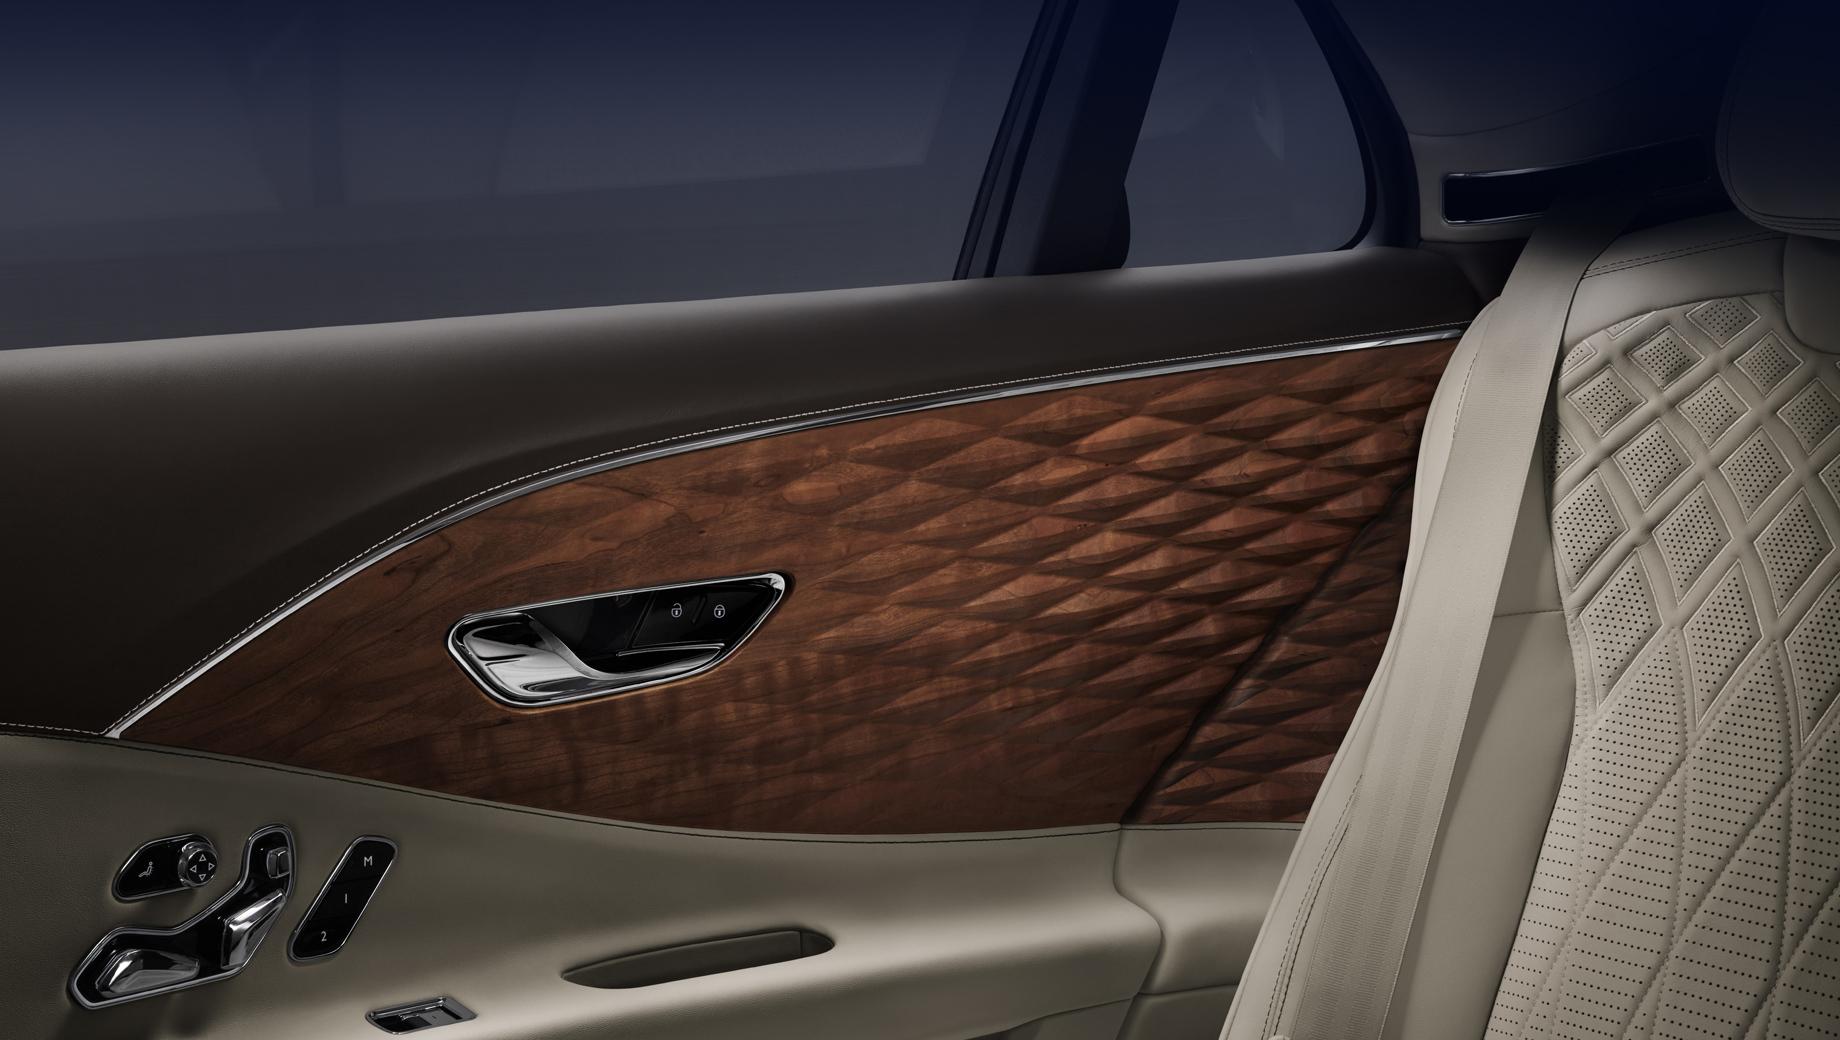 Bentley flying spur. Новая опция входит в ассортимент версий отделки Bentley Mulliner «Collections». Детали покрыты прозрачным лаком, который оставляет видимыми поры и сохраняет естественную текстуру и тёплый цвет исходного материала.